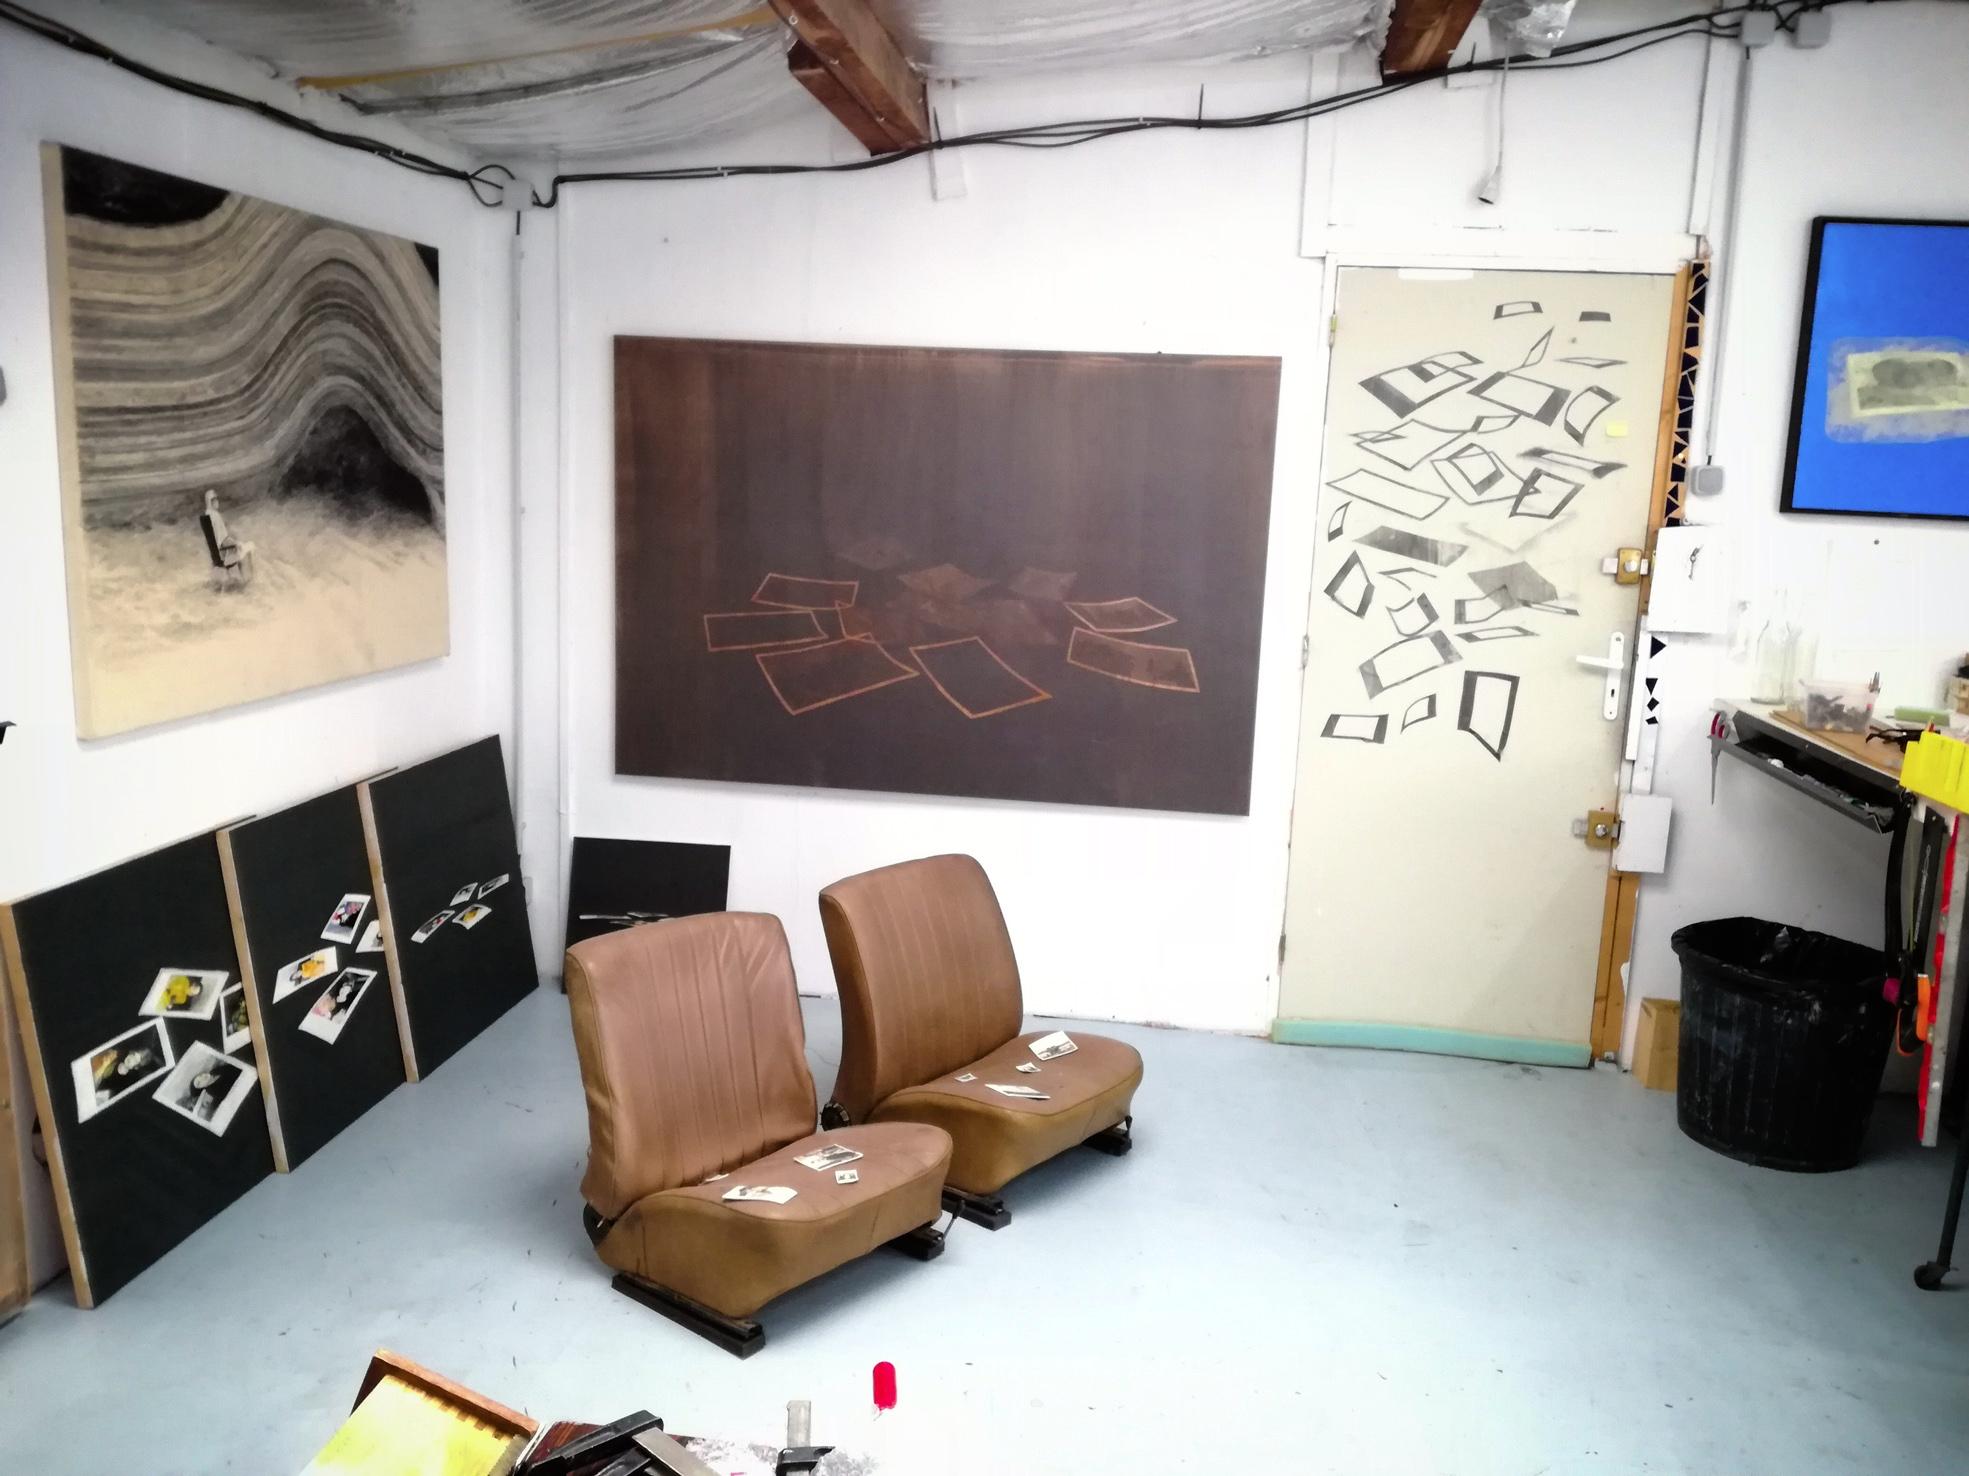 Studio reshuffle good weekend - ellocharliebquiet | ello